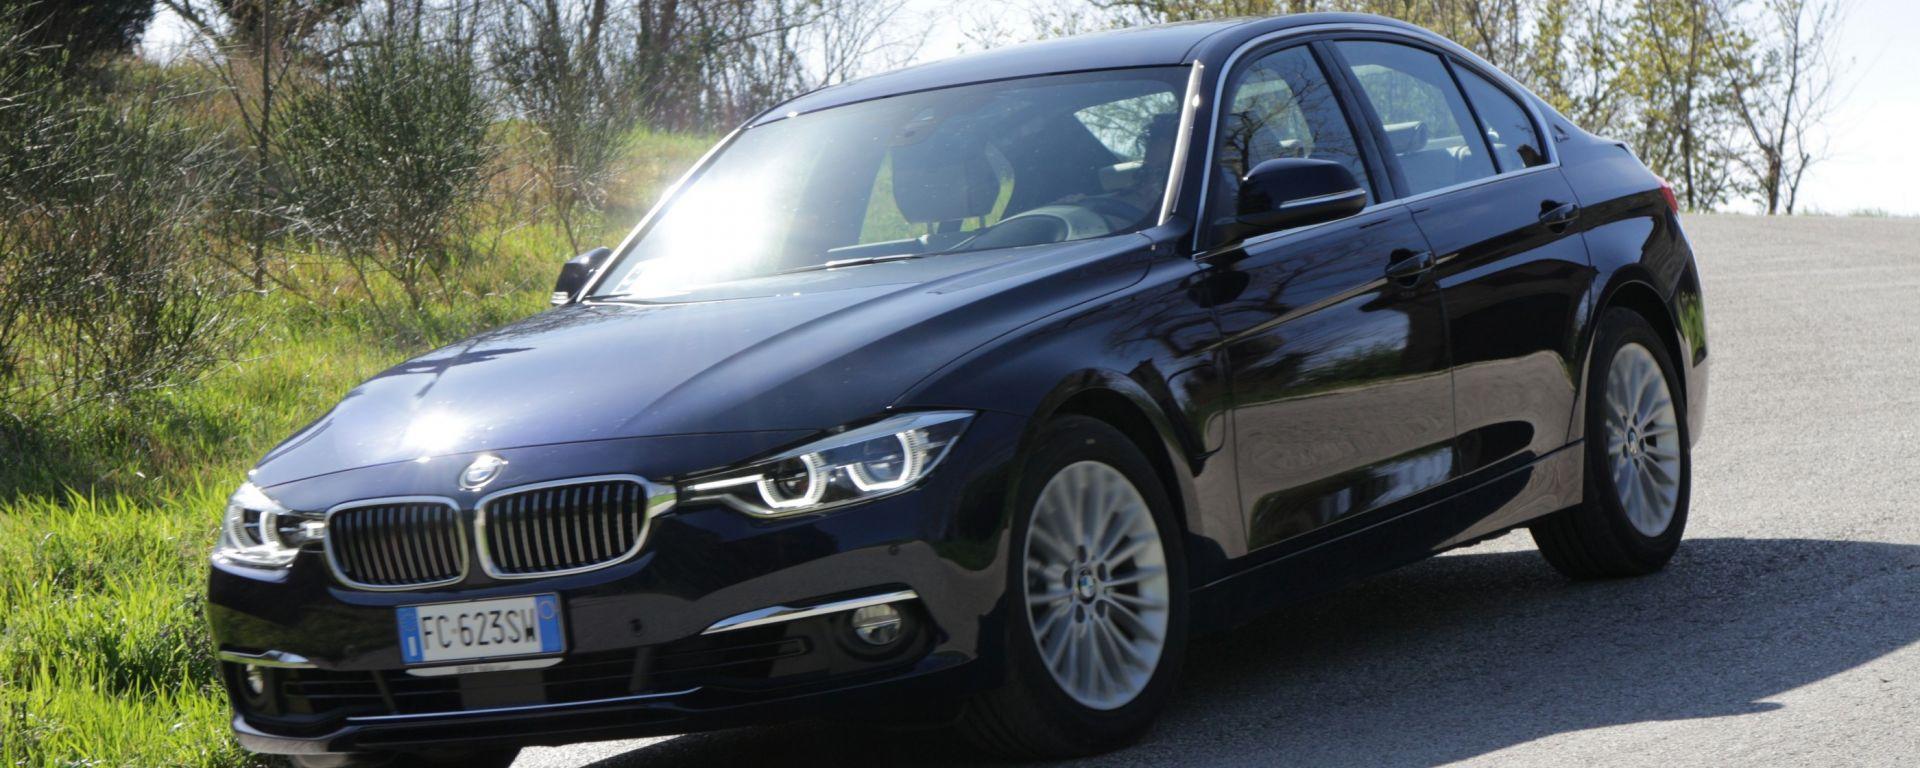 BMW Serie 3 330e: prova dell'ibrida plug-in